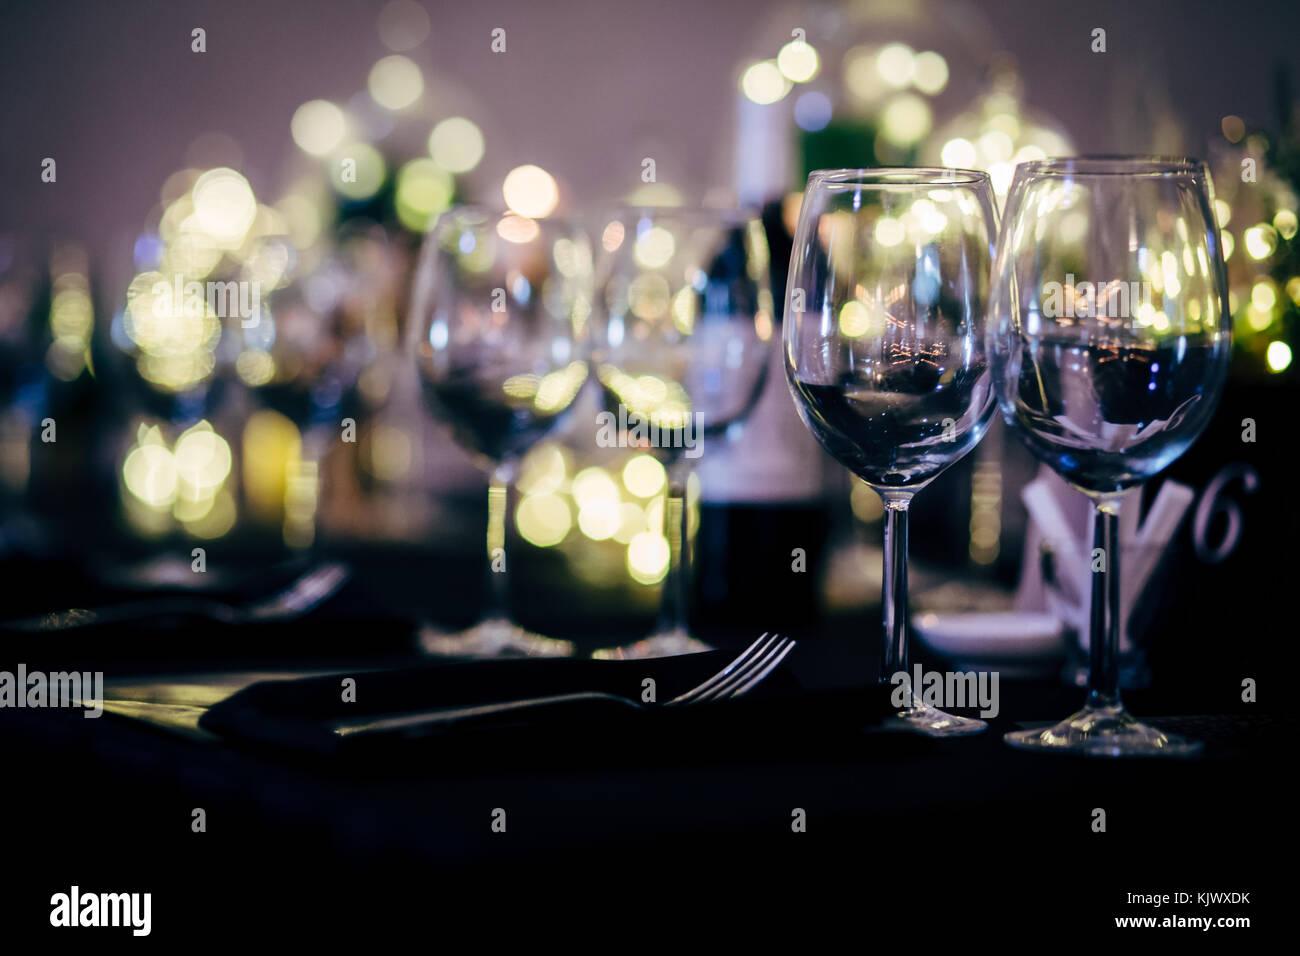 Tabella di lusso impostazione per la festa di natale, feste e matrimoni. Immagini Stock